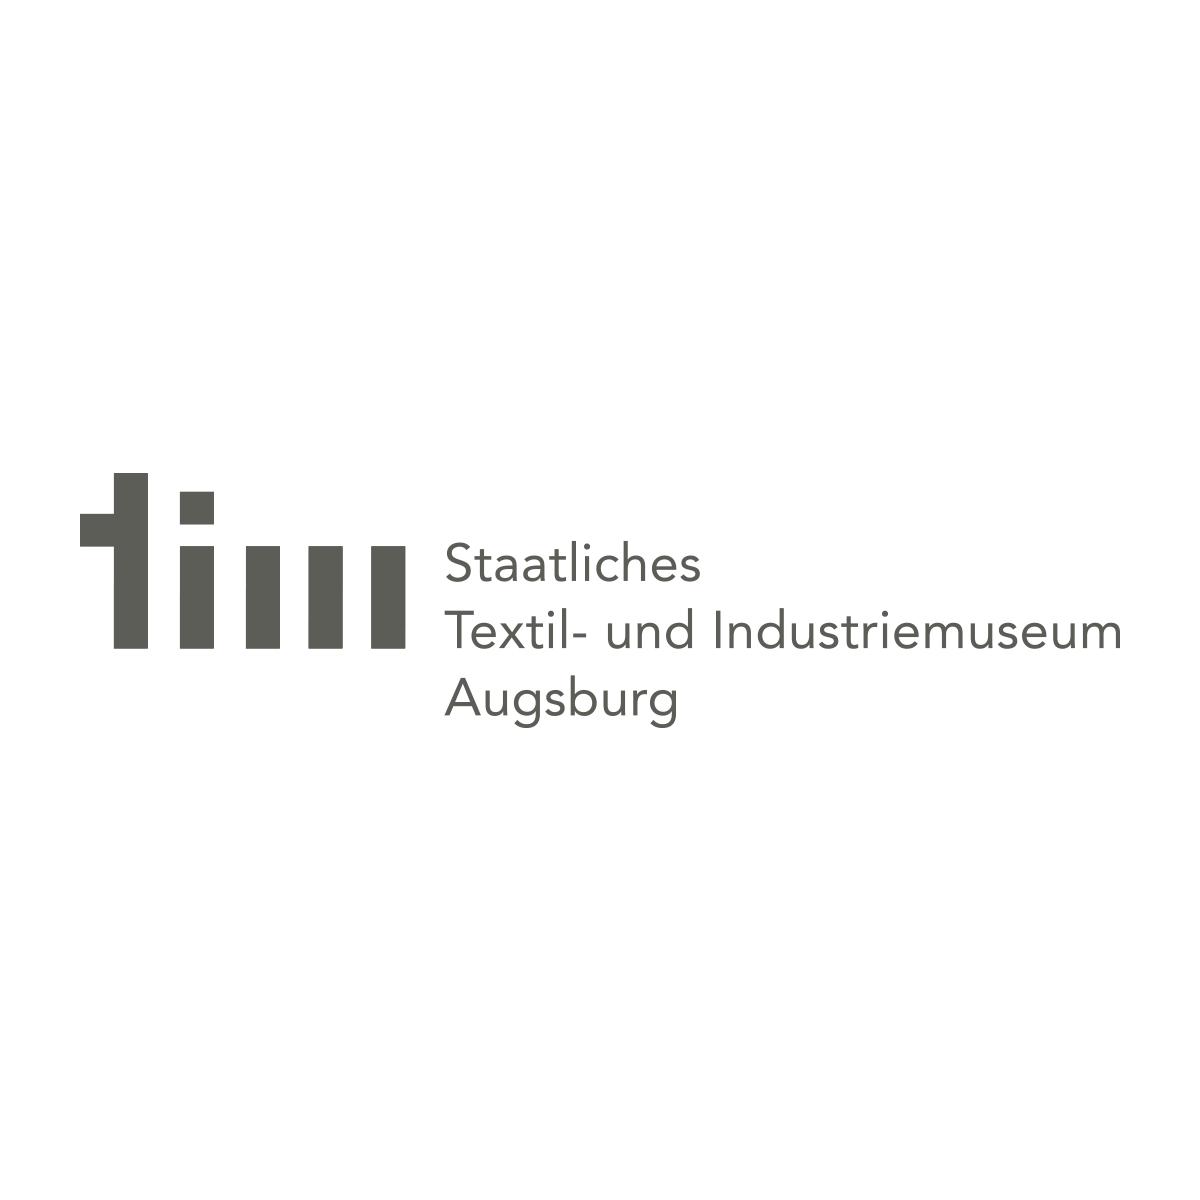 tim - Förder- und Freundeskreis des Textil- und Industriemuseums Augsburg